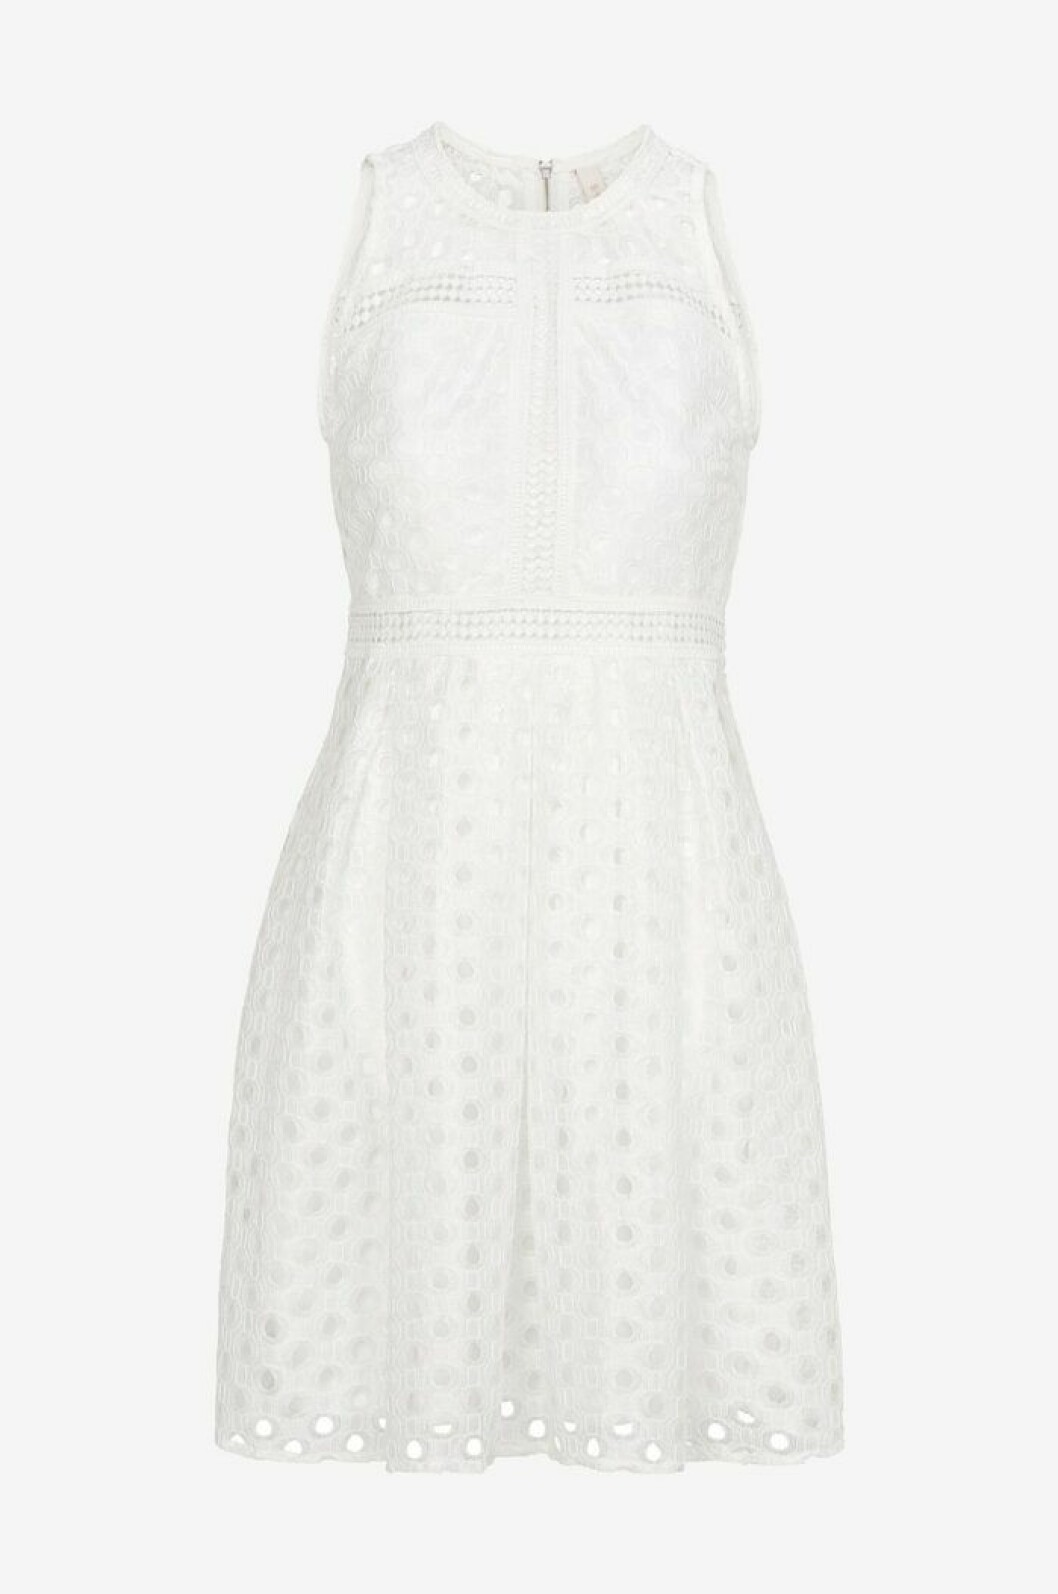 Vit klänning till sommaren 2019 med spets